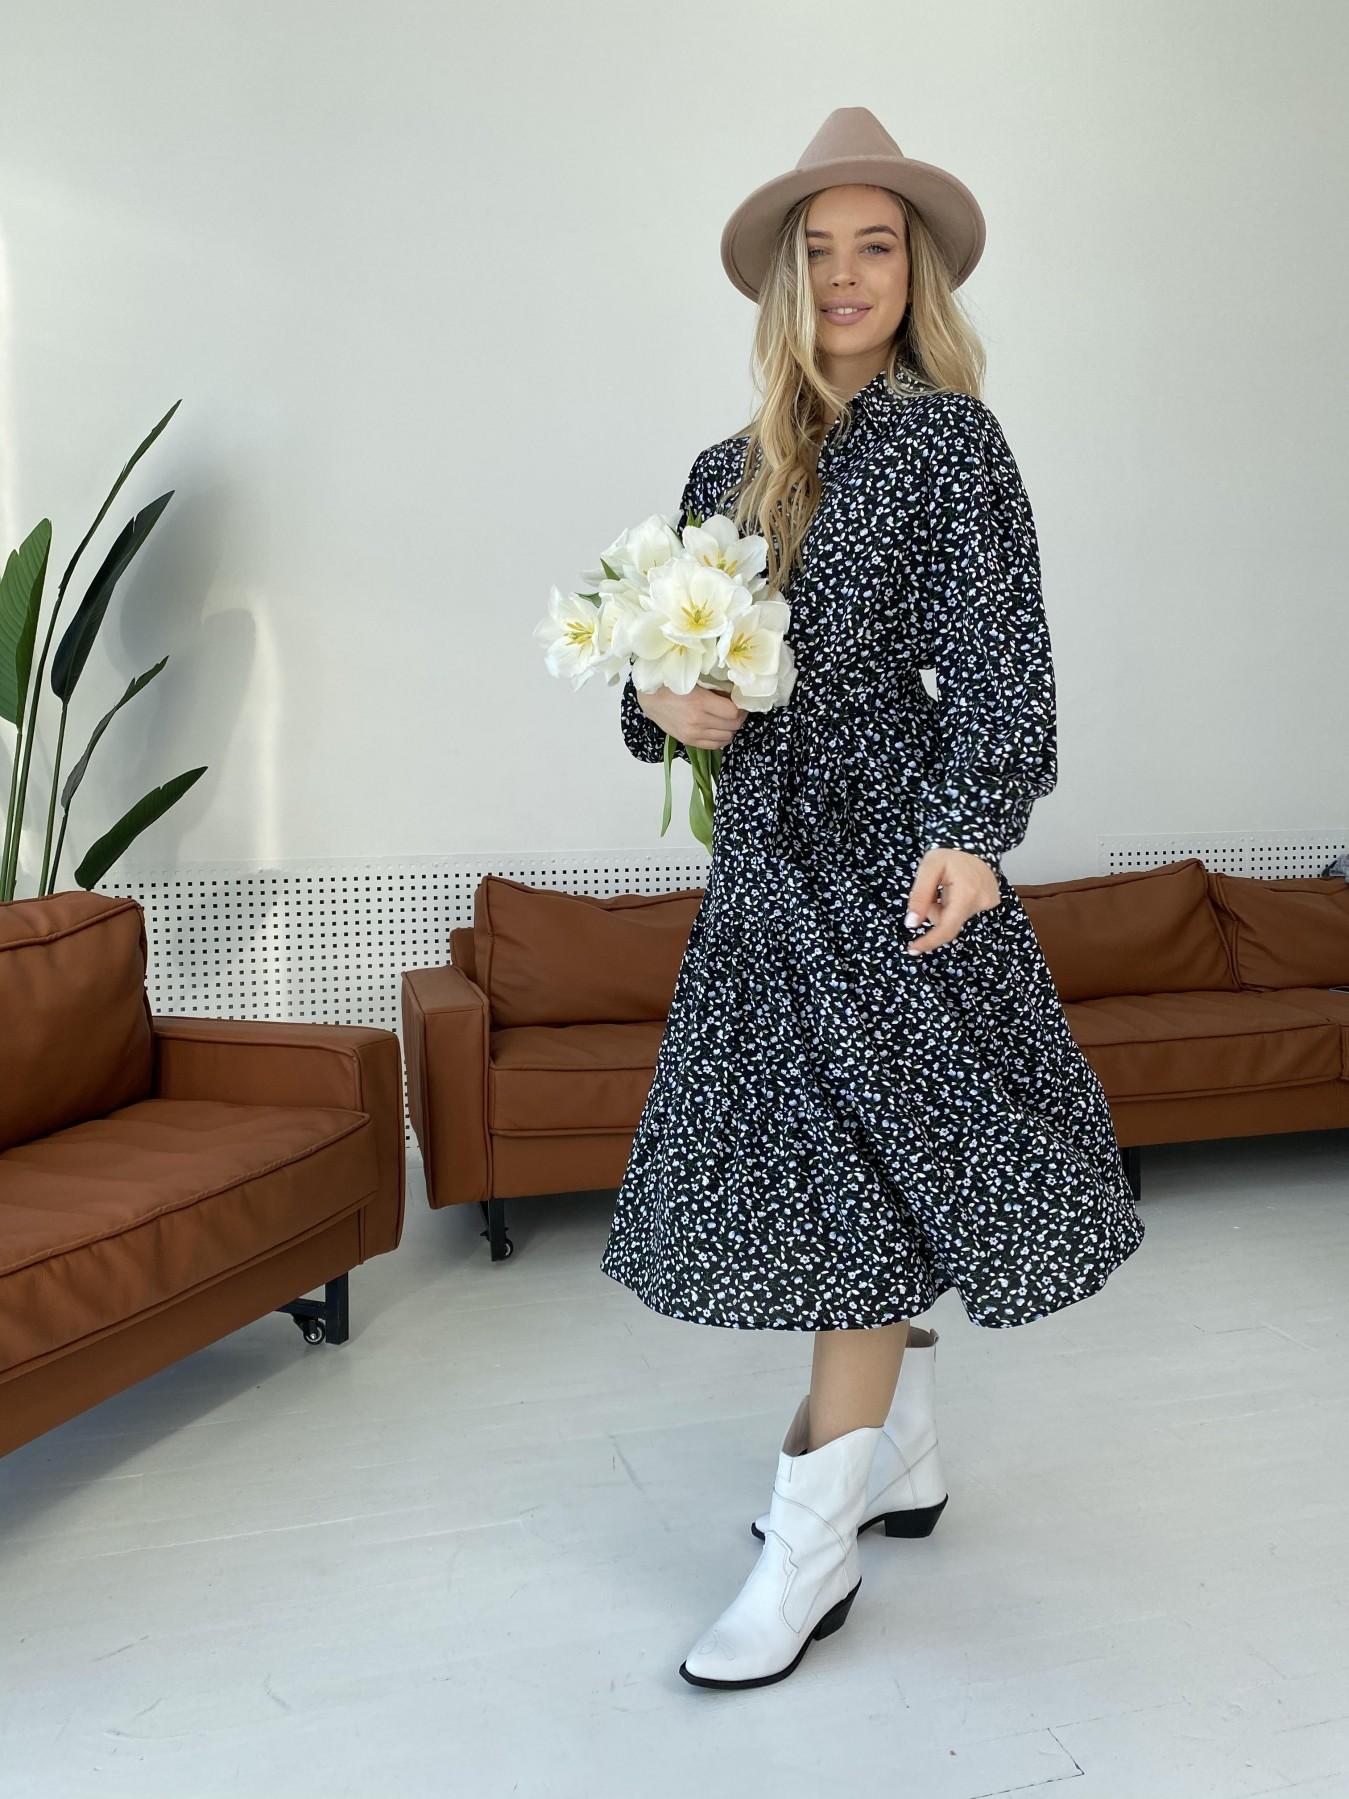 Лилия штапель принт платье 10879 АРТ. 47351 Цвет: Цветы мел черн/бел/гол - фото 7, интернет магазин tm-modus.ru